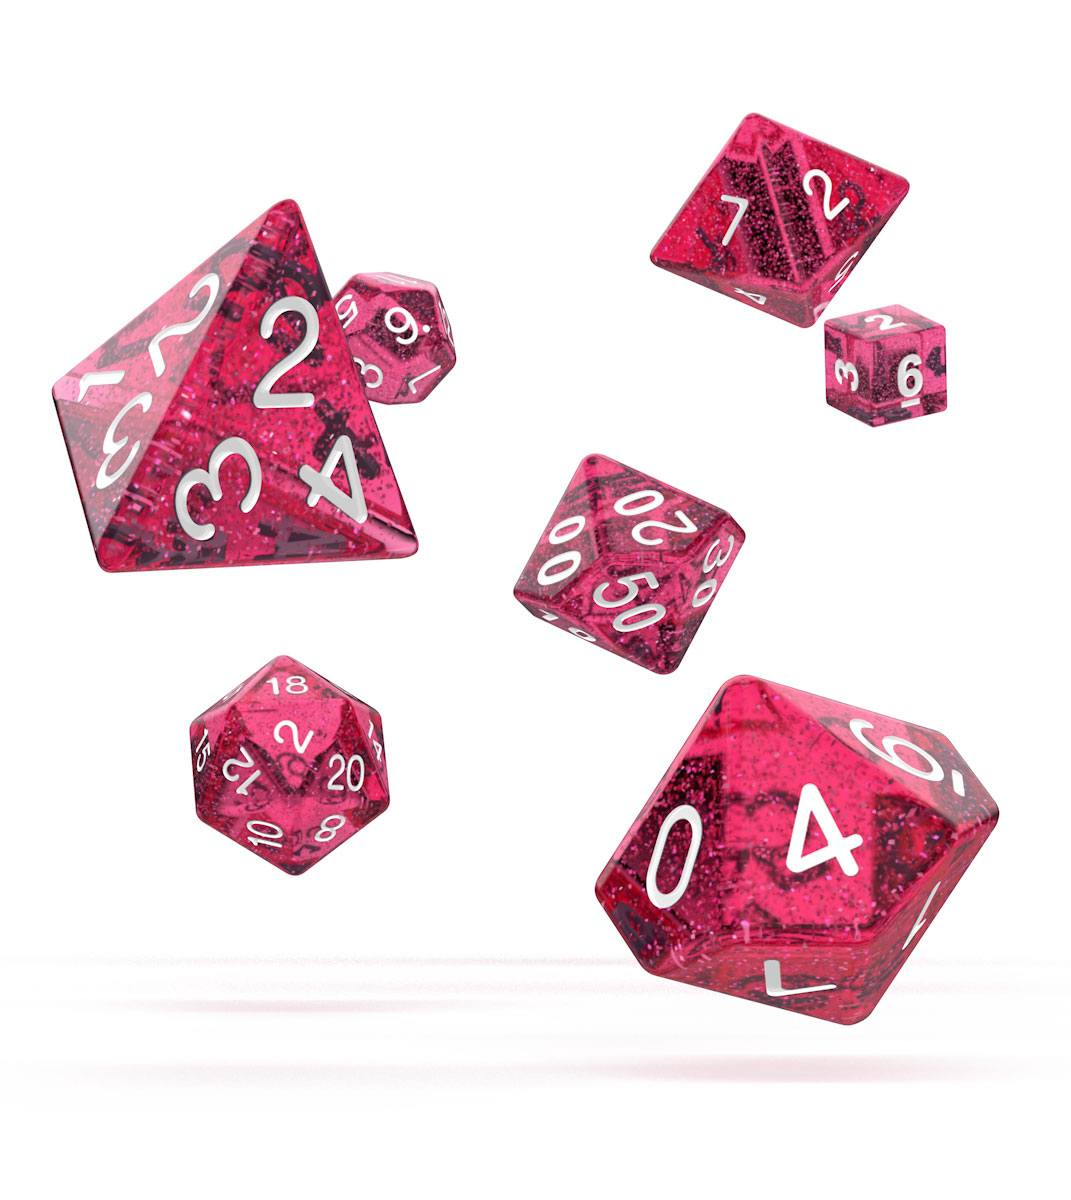 Oakie Doakie Dice RPG Set Speckled - Pink (7)